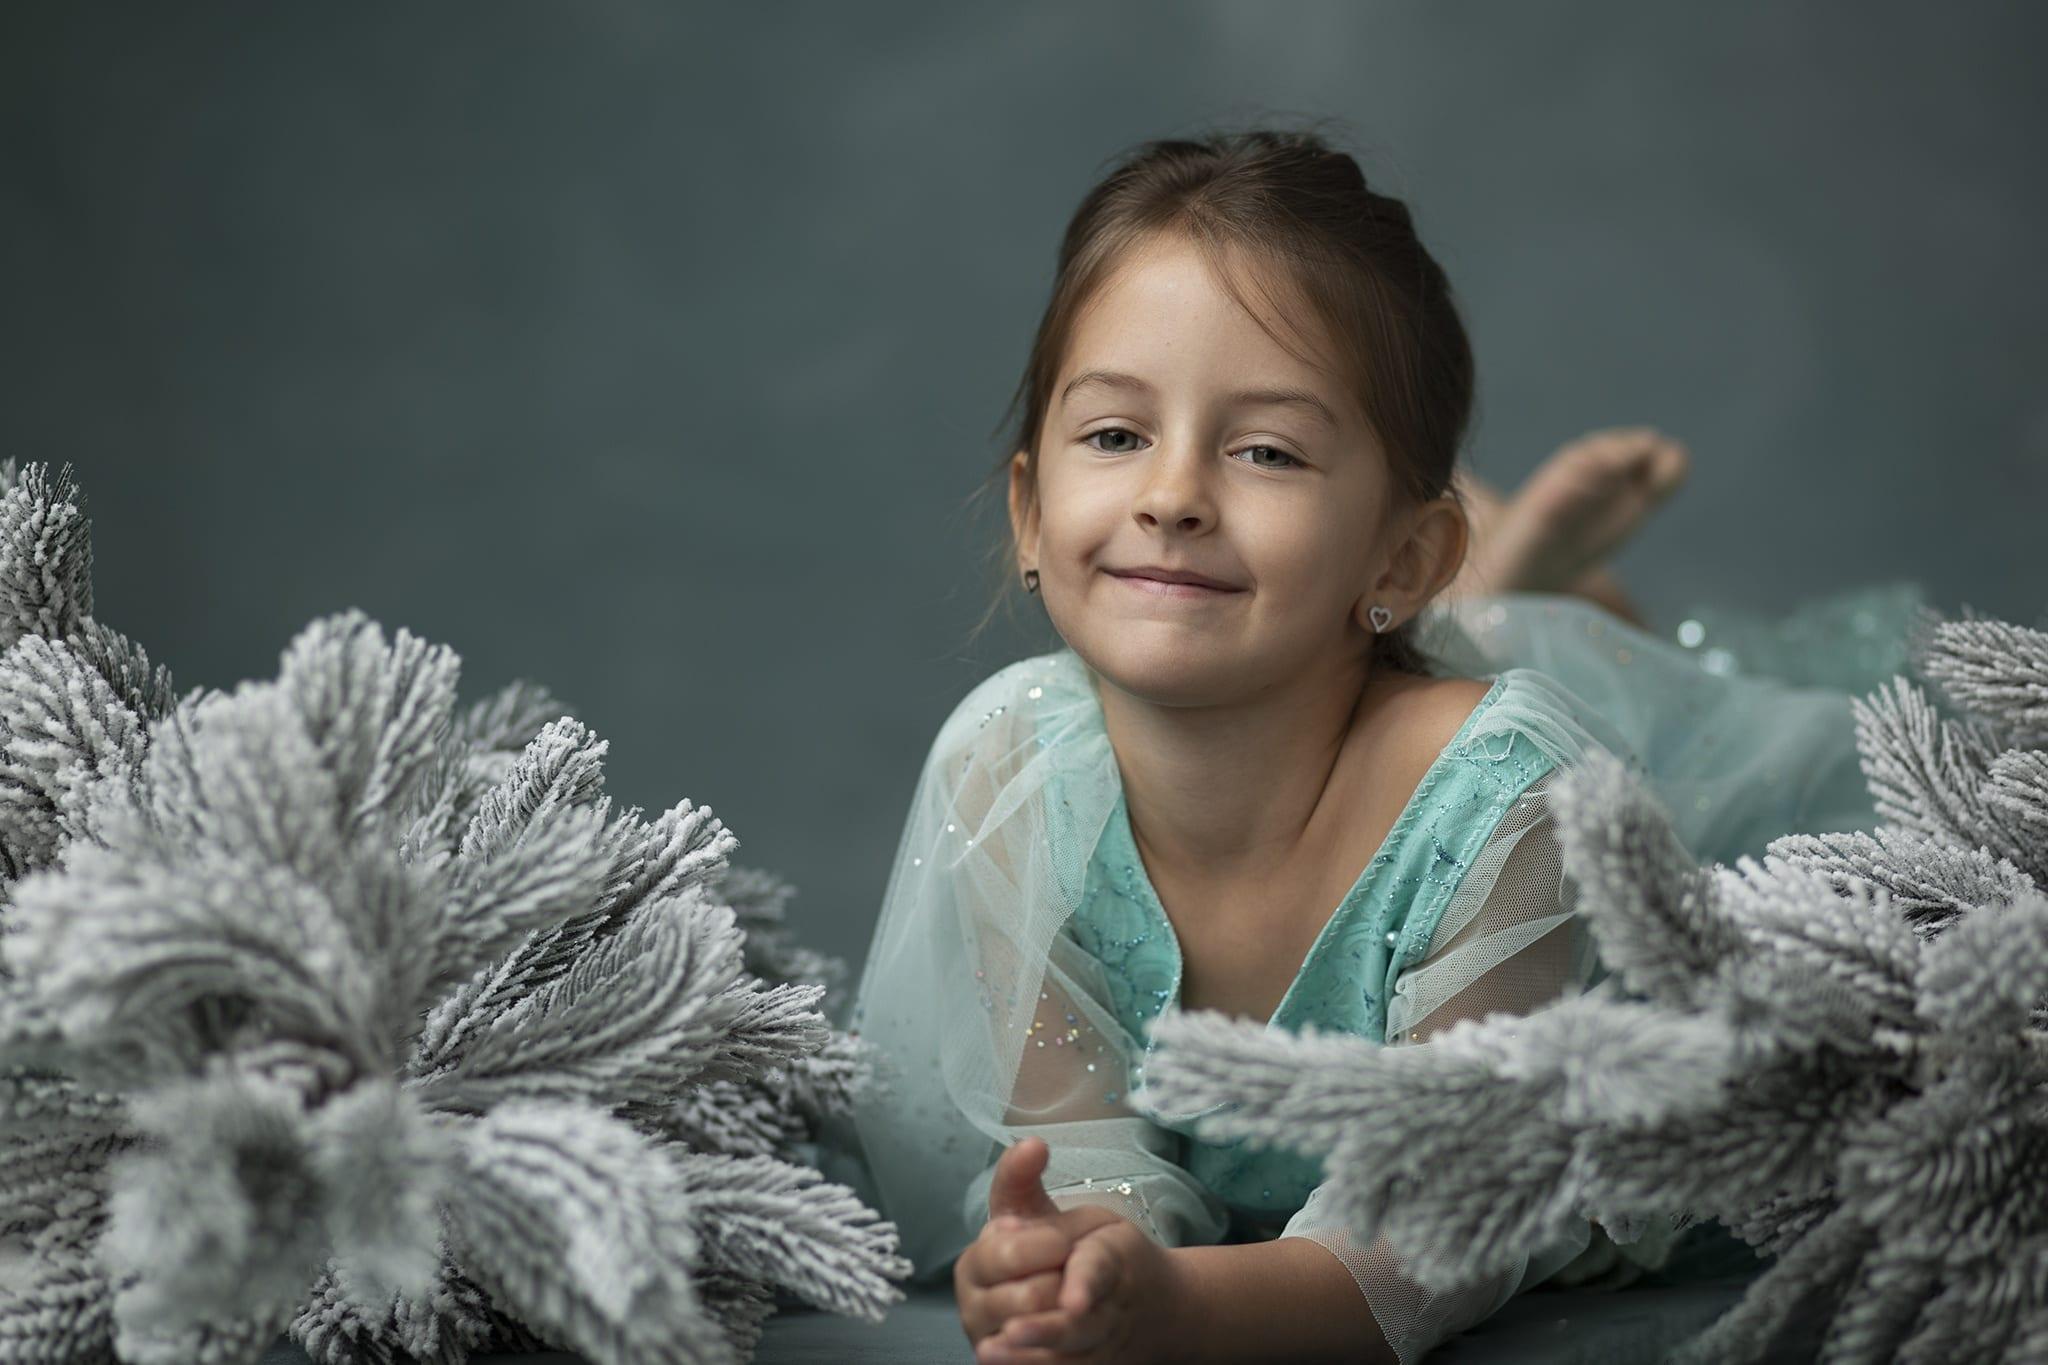 Hercegnős ruhában készült szülinapi gyernekfotózás budapesti műteremben